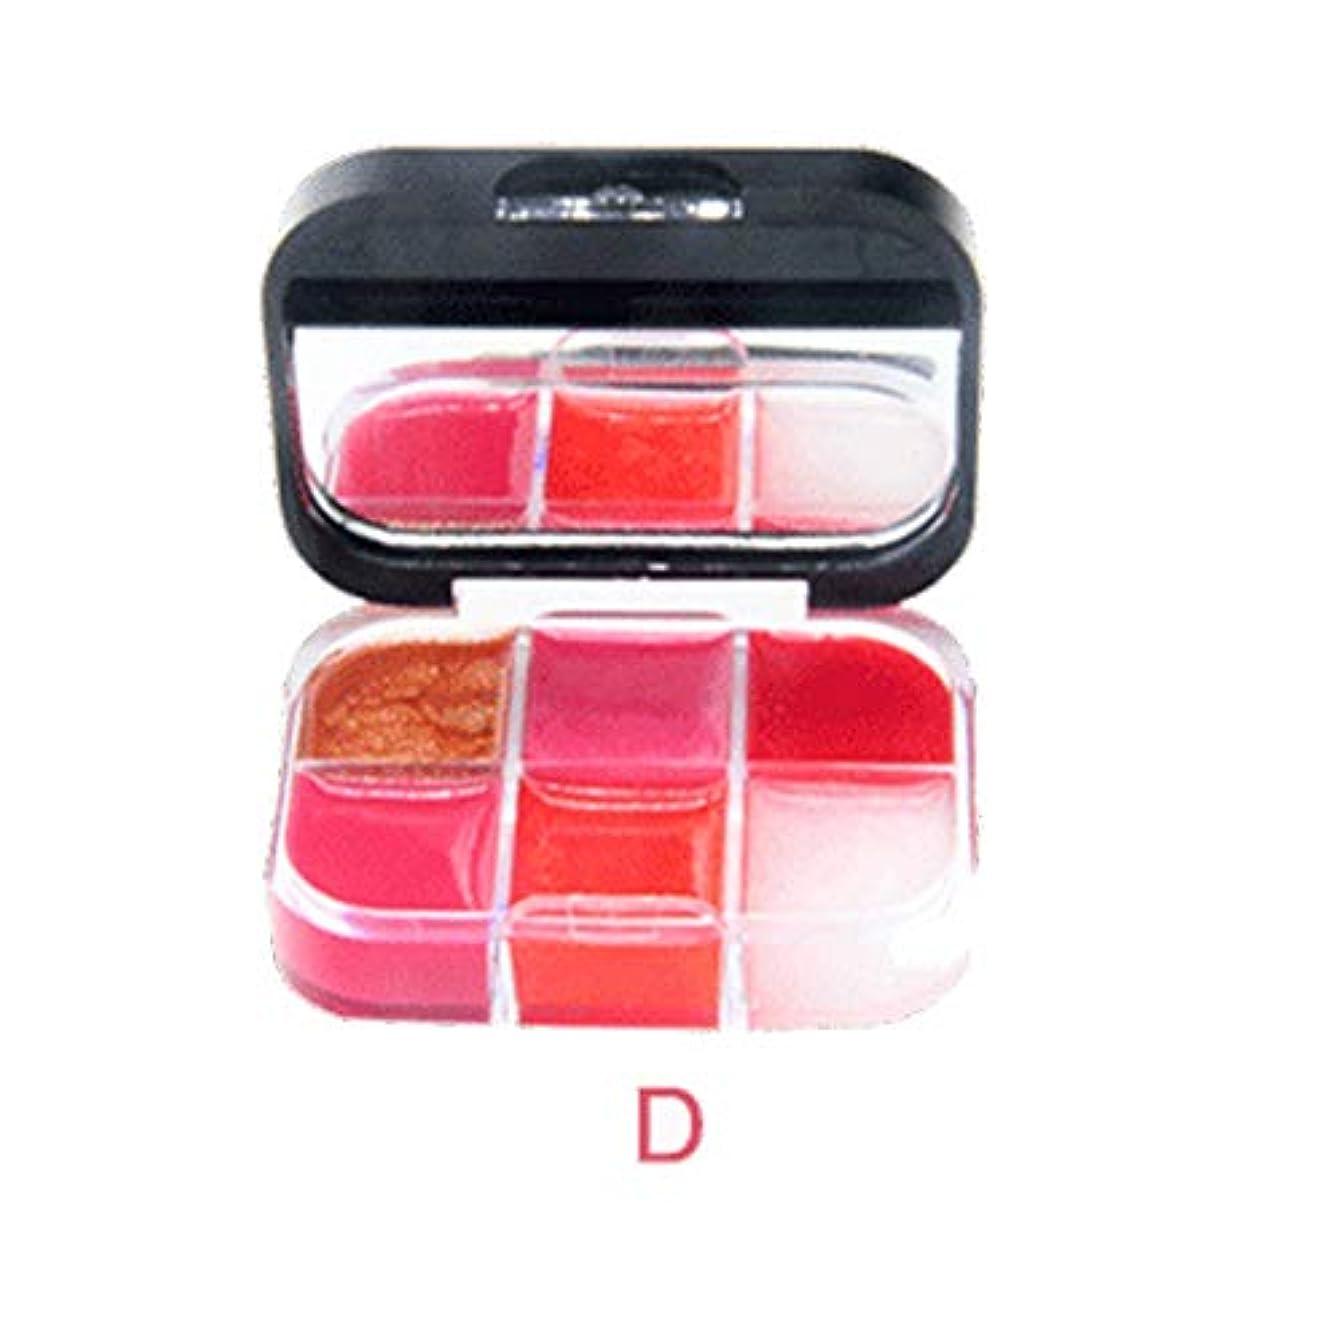 愛サラミ断言する美は口紅の保湿剤の唇の光沢の化粧品セットを構成します